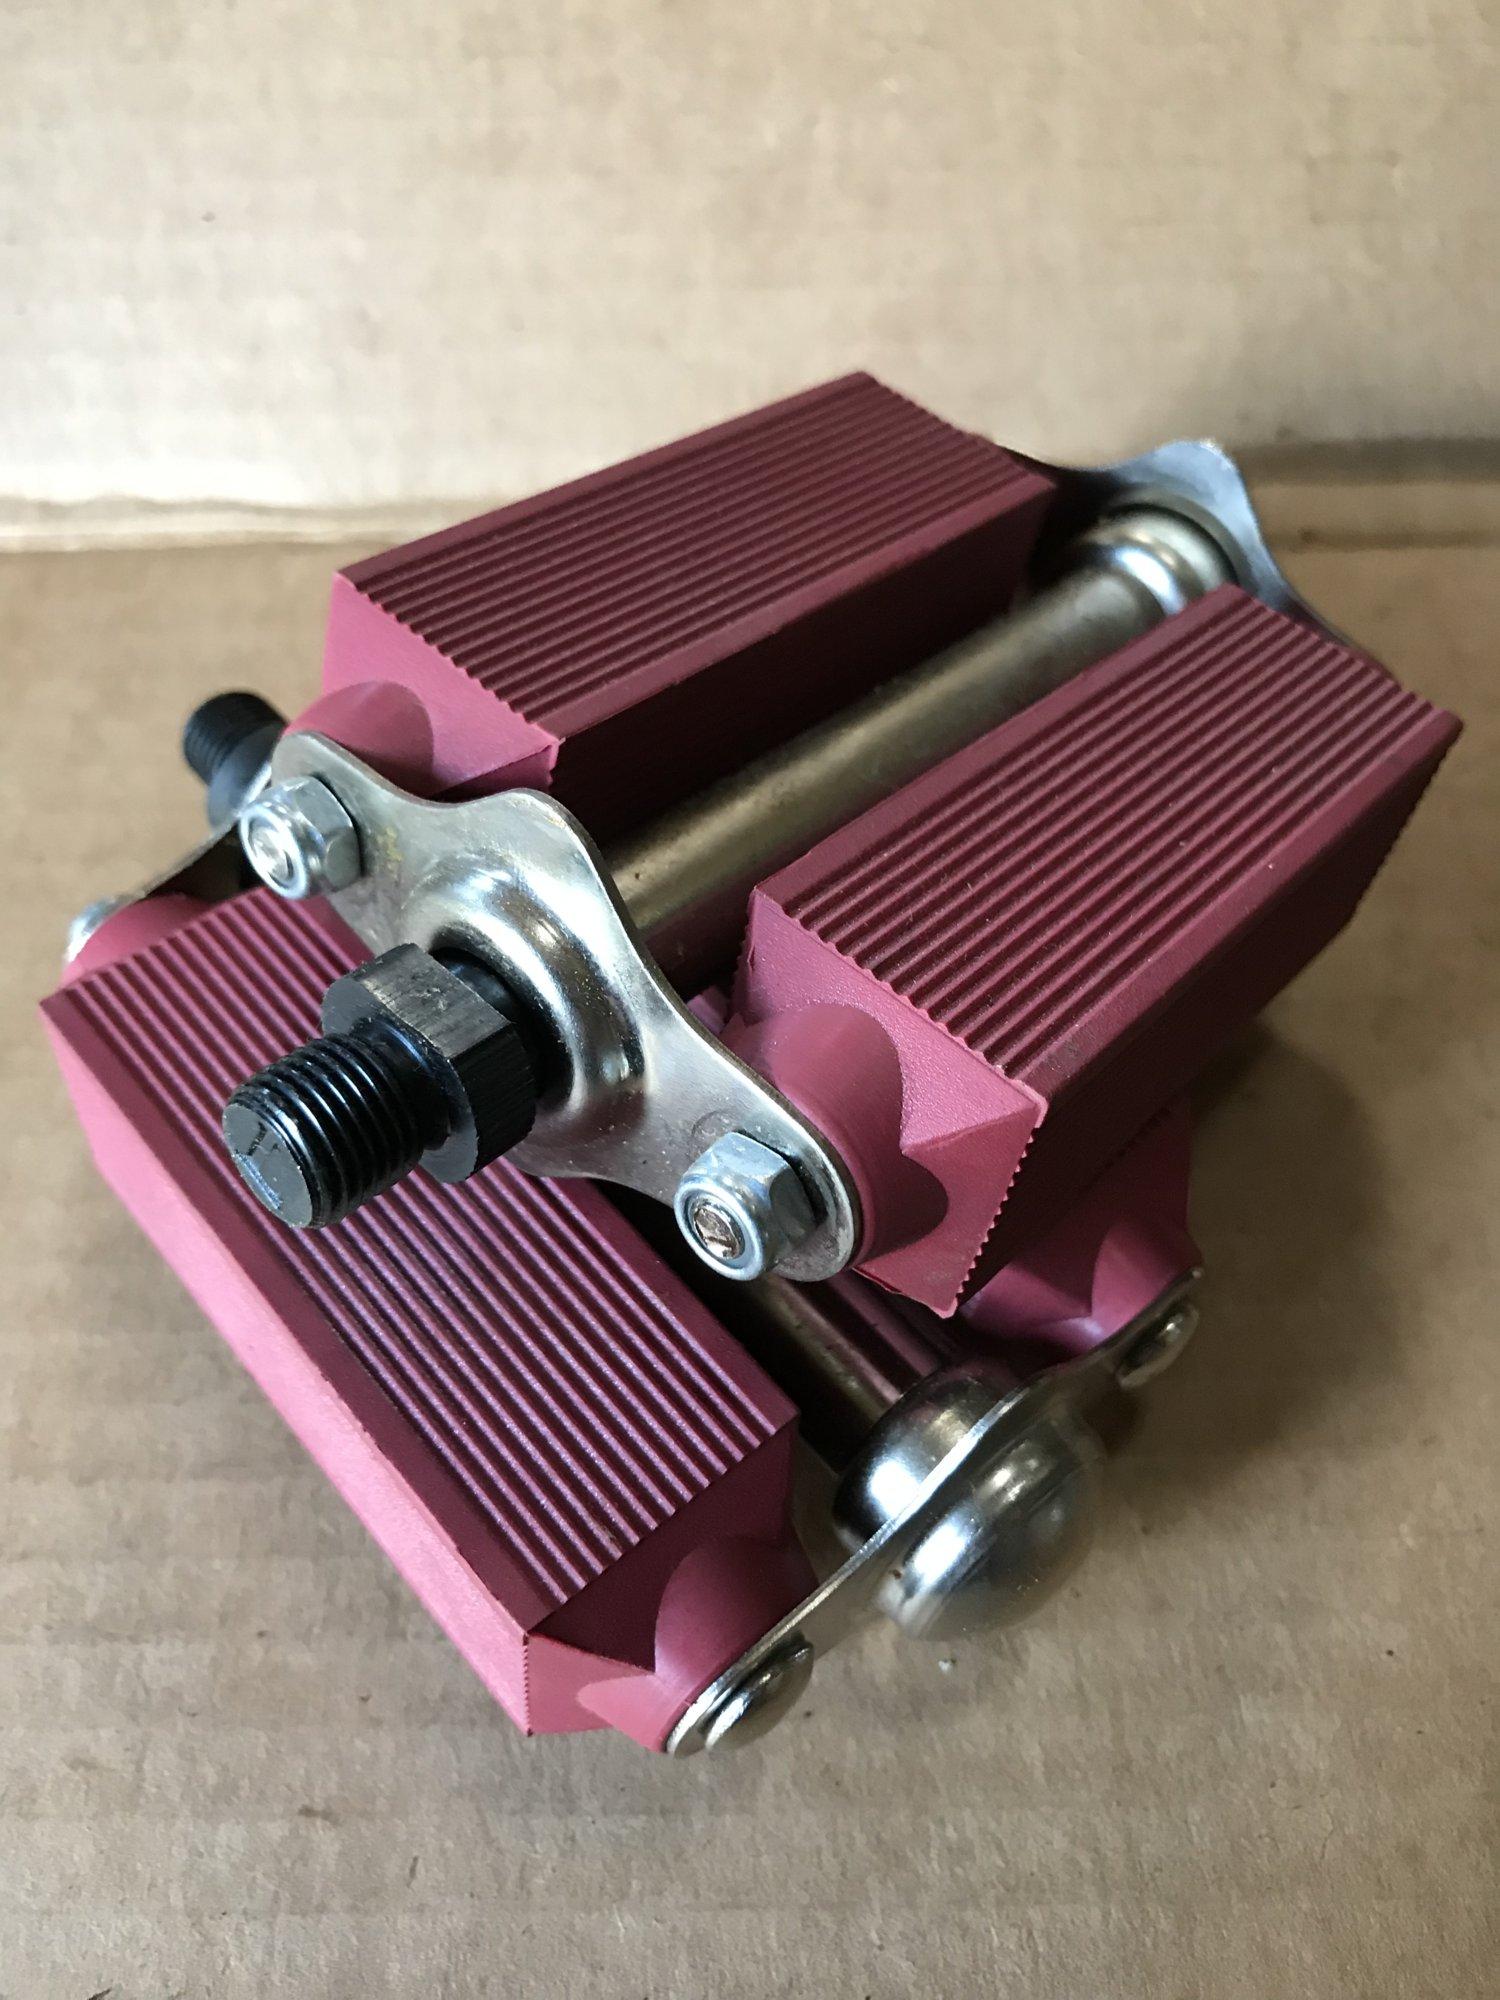 6D4DC0EC-B84C-48D7-8B2C-9BCEF5C0BB22.jpeg